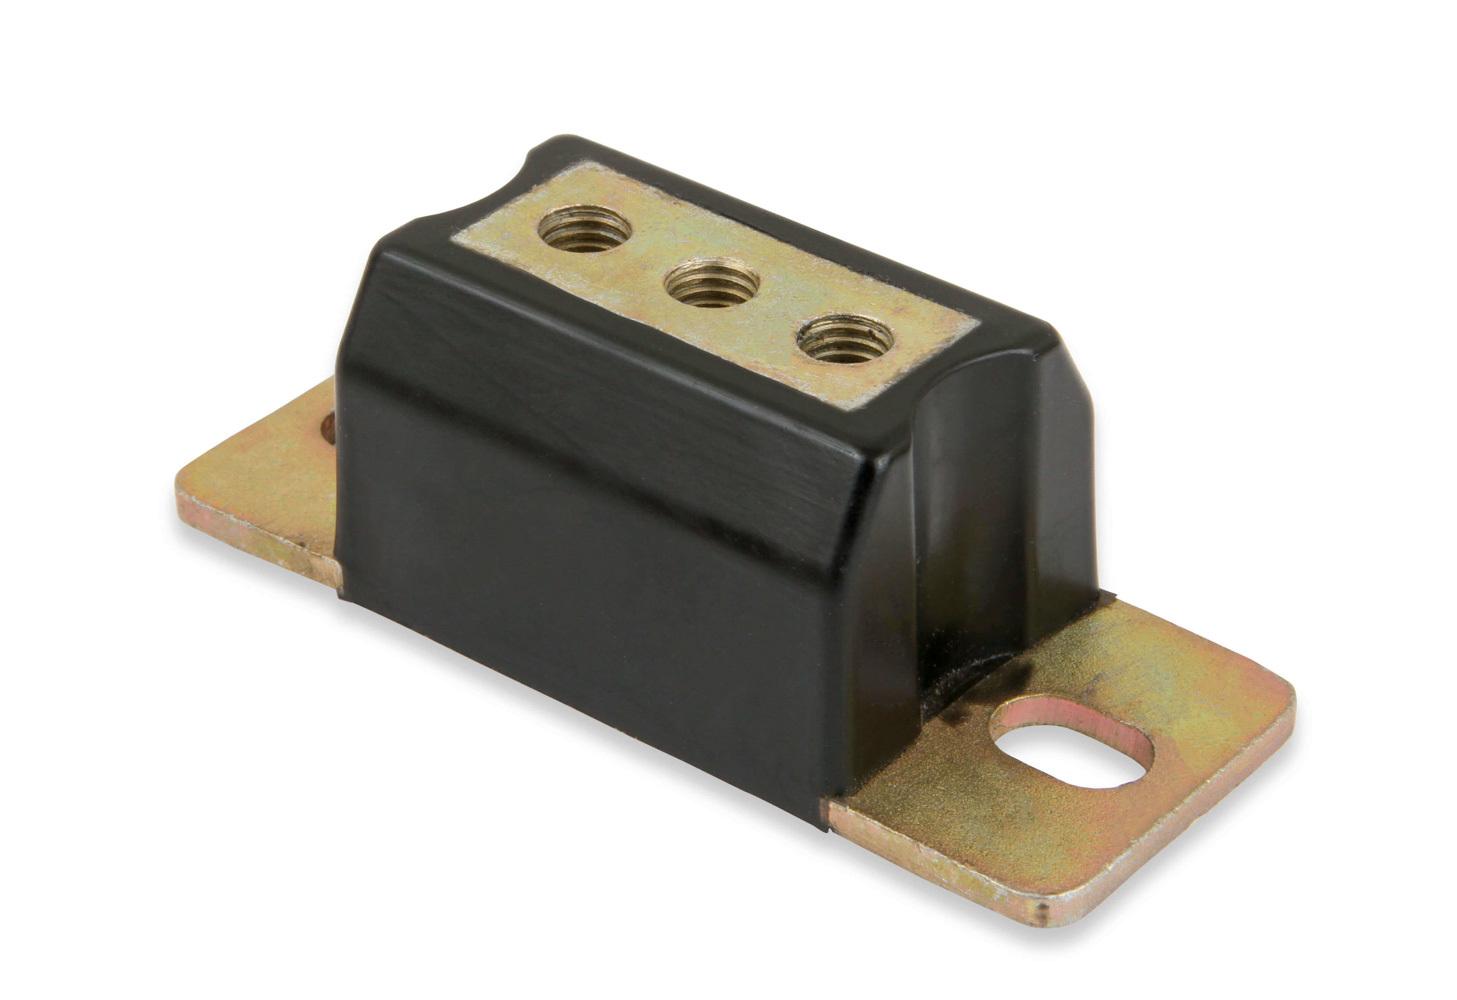 Hooker 71223029HKR Transmission Mount, Polyurethane / Steel, Black / Zinc Oxide, Various Applications, Each